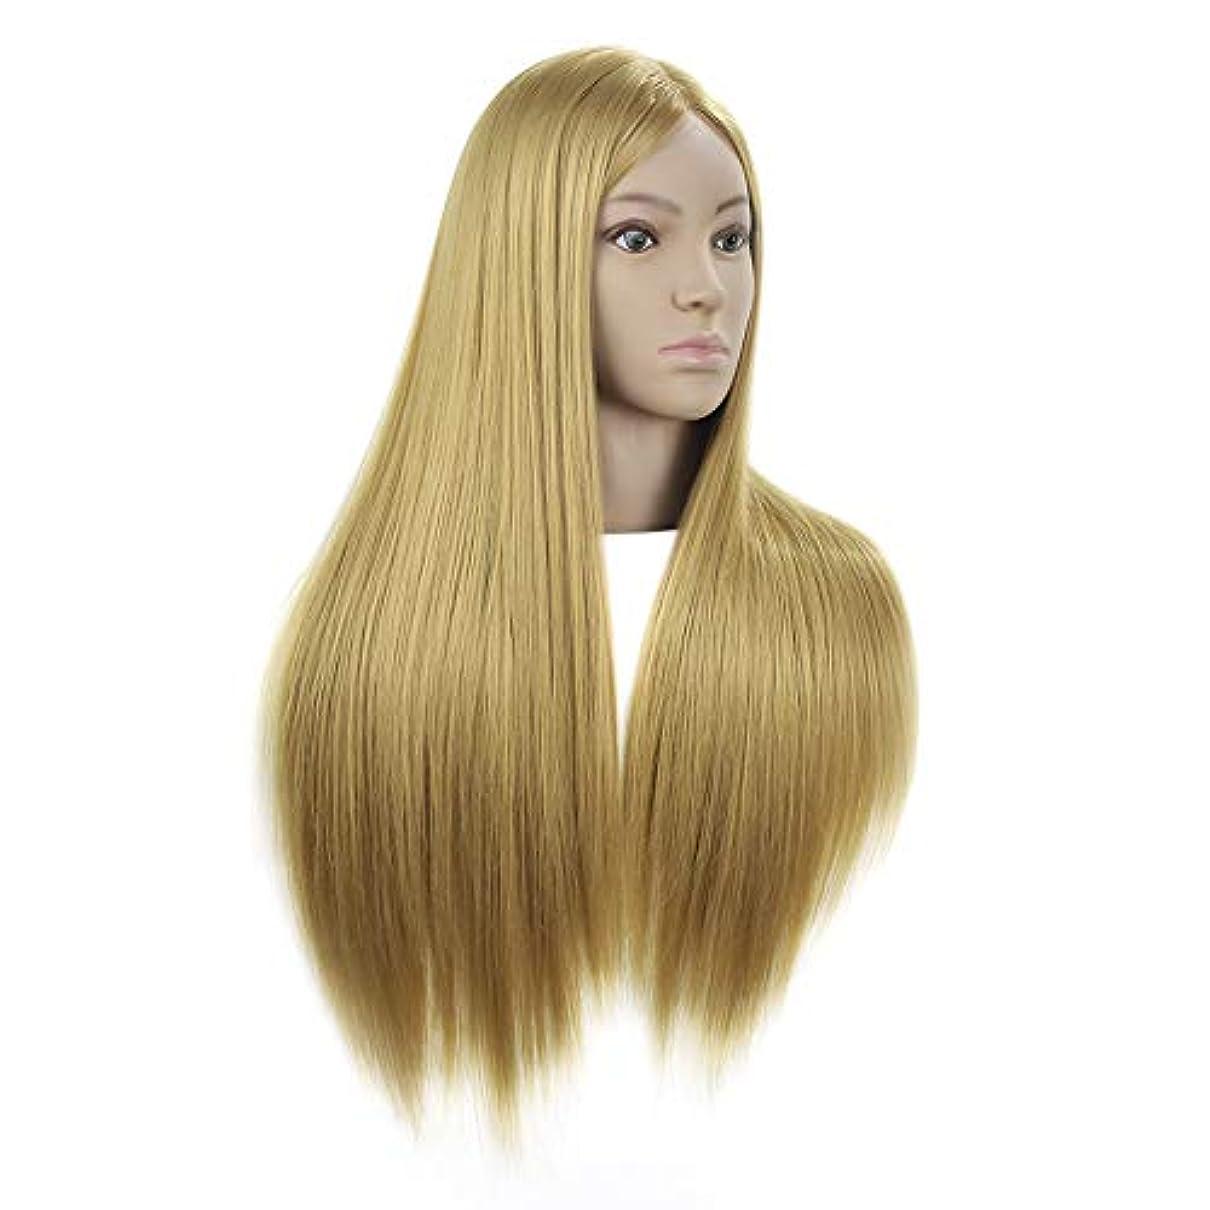 順応性ペパーミントパークリアルヘアスタイリングマネキンヘッド女性ヘッドモデル教育ヘッド理髪店編組ヘア染色学習ダミーヘッド